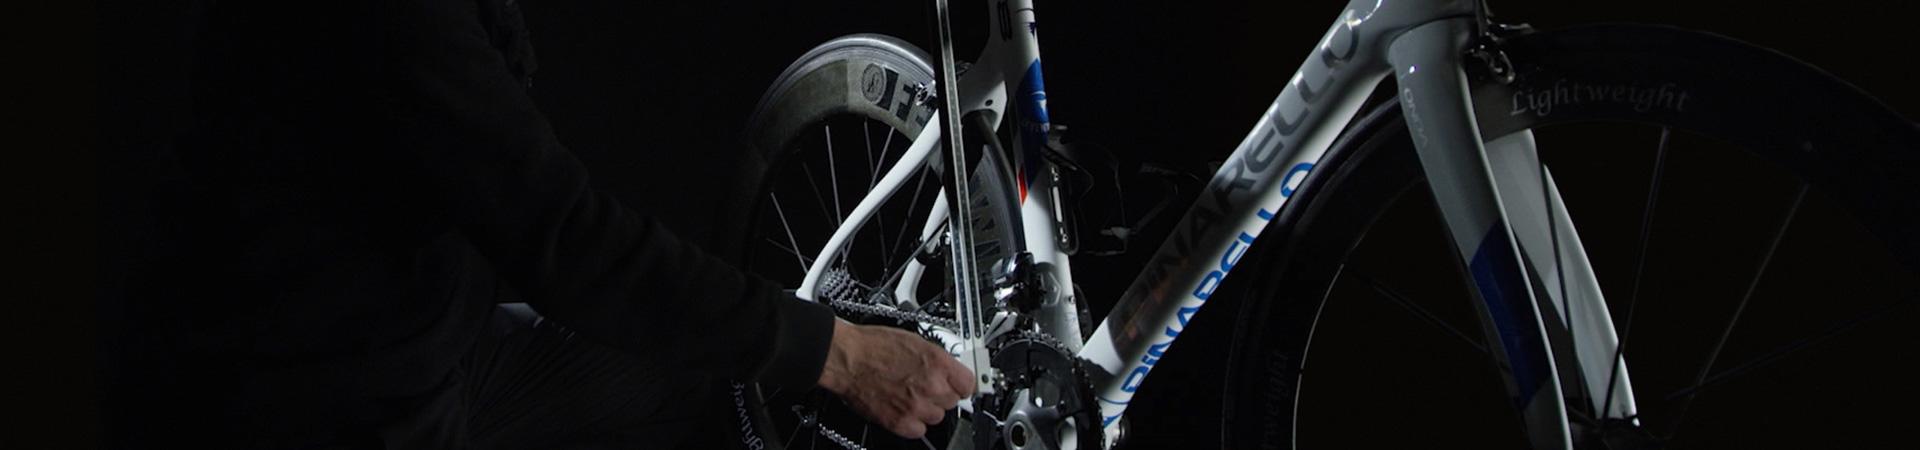 Calibro di Misura Biomeccanico per Ciclismo